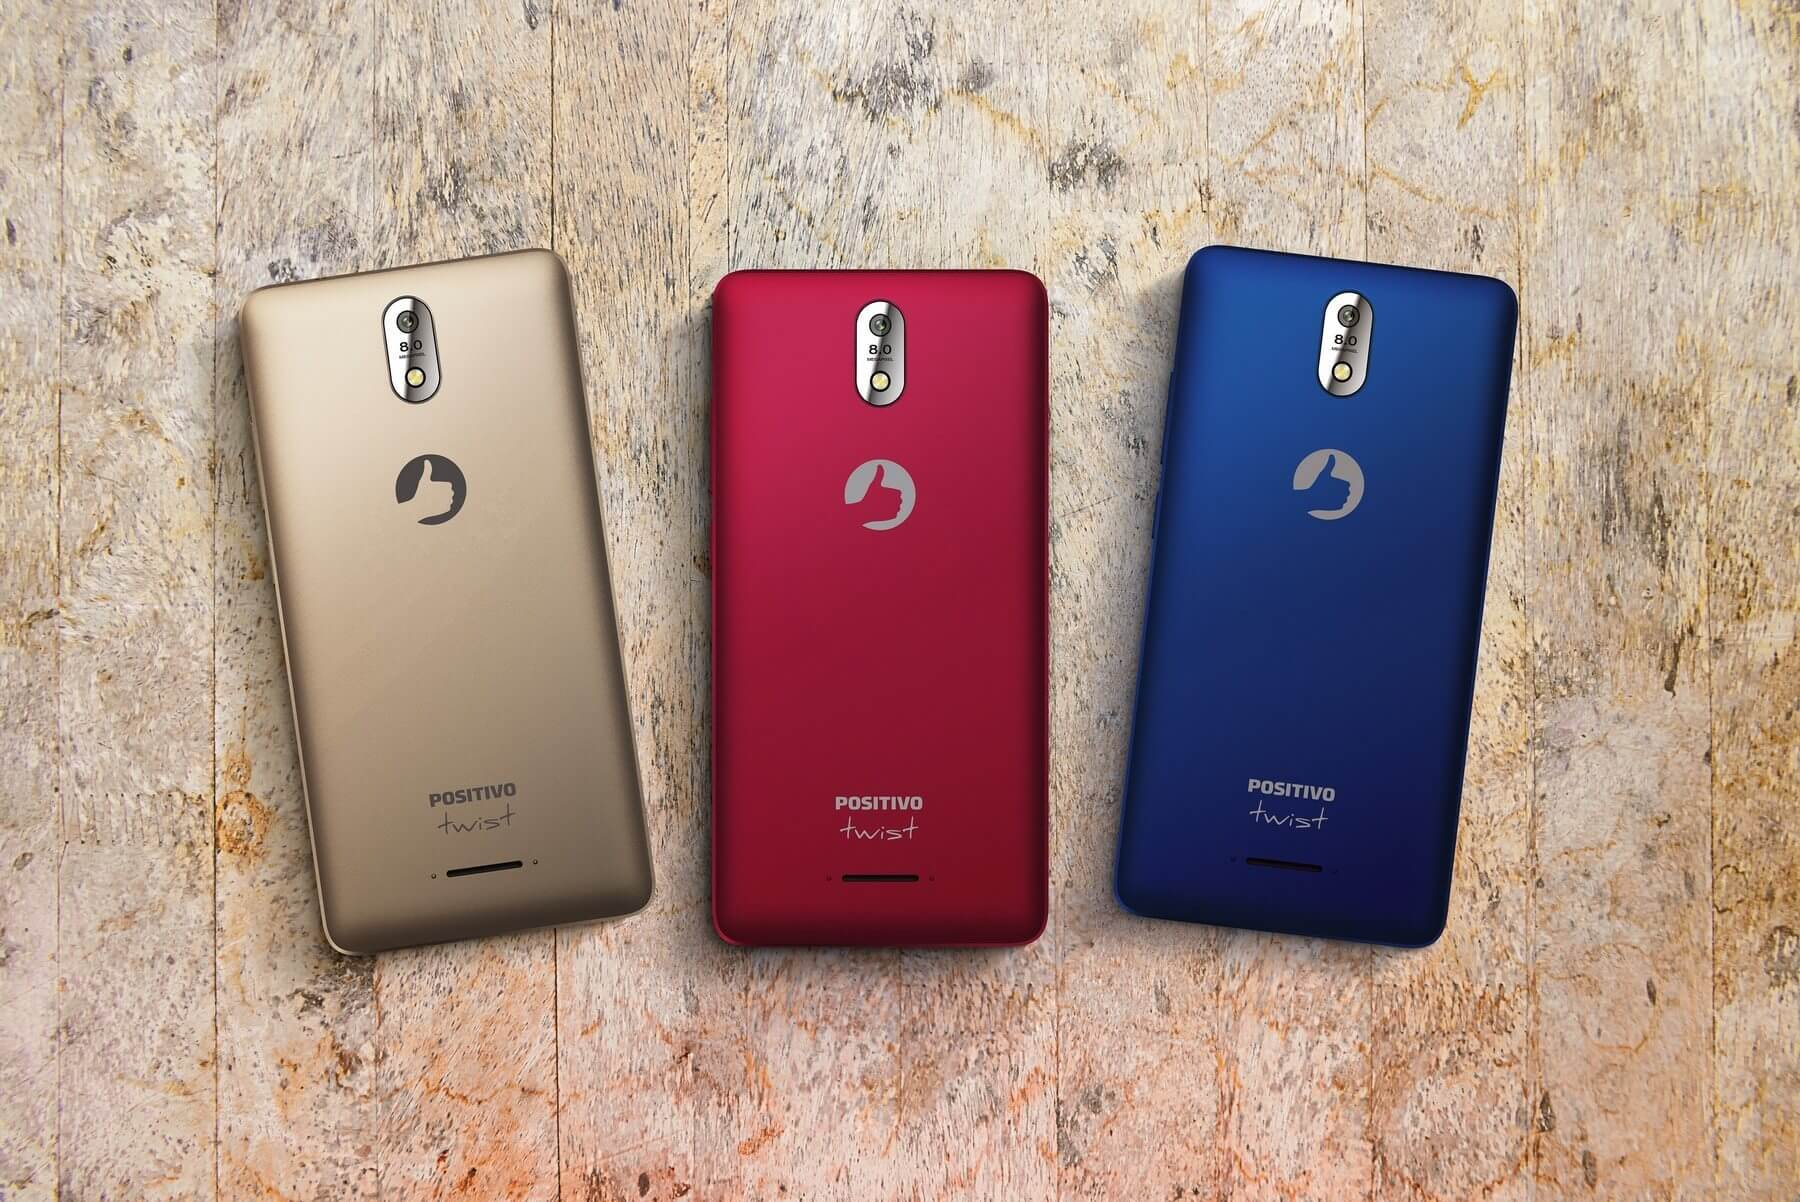 Linha Positivo Twist chega ao mercado com 3 novos aparelhos